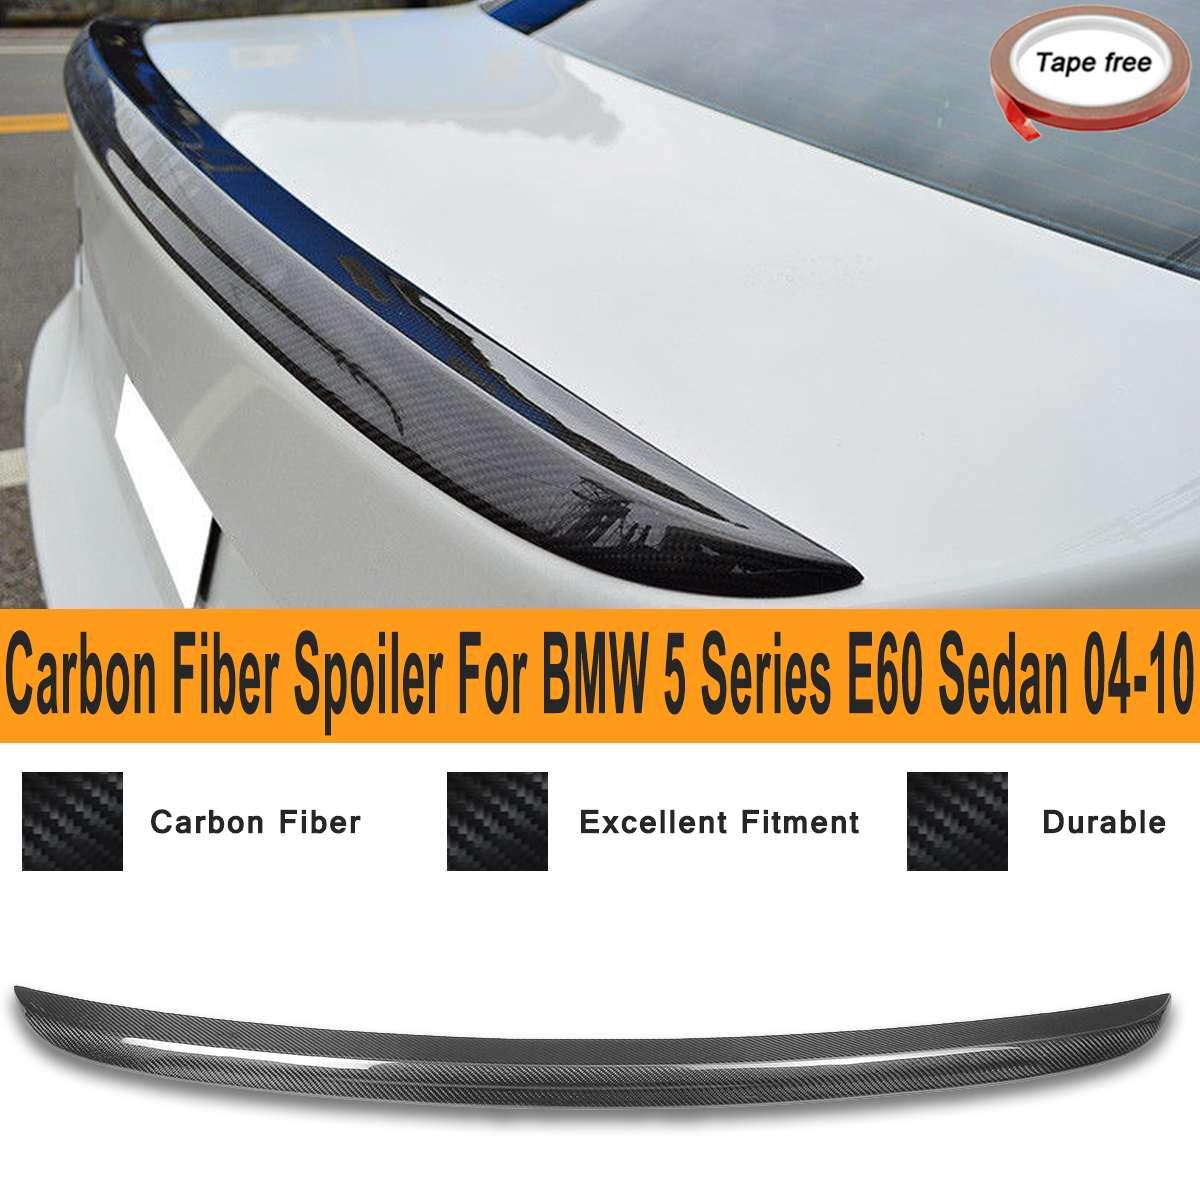 Véritable aileron de coffre arrière en Fiber de carbone pour BMW série 5 E60 berline M5 Style 2004-2010 pièces de rechange extérieures